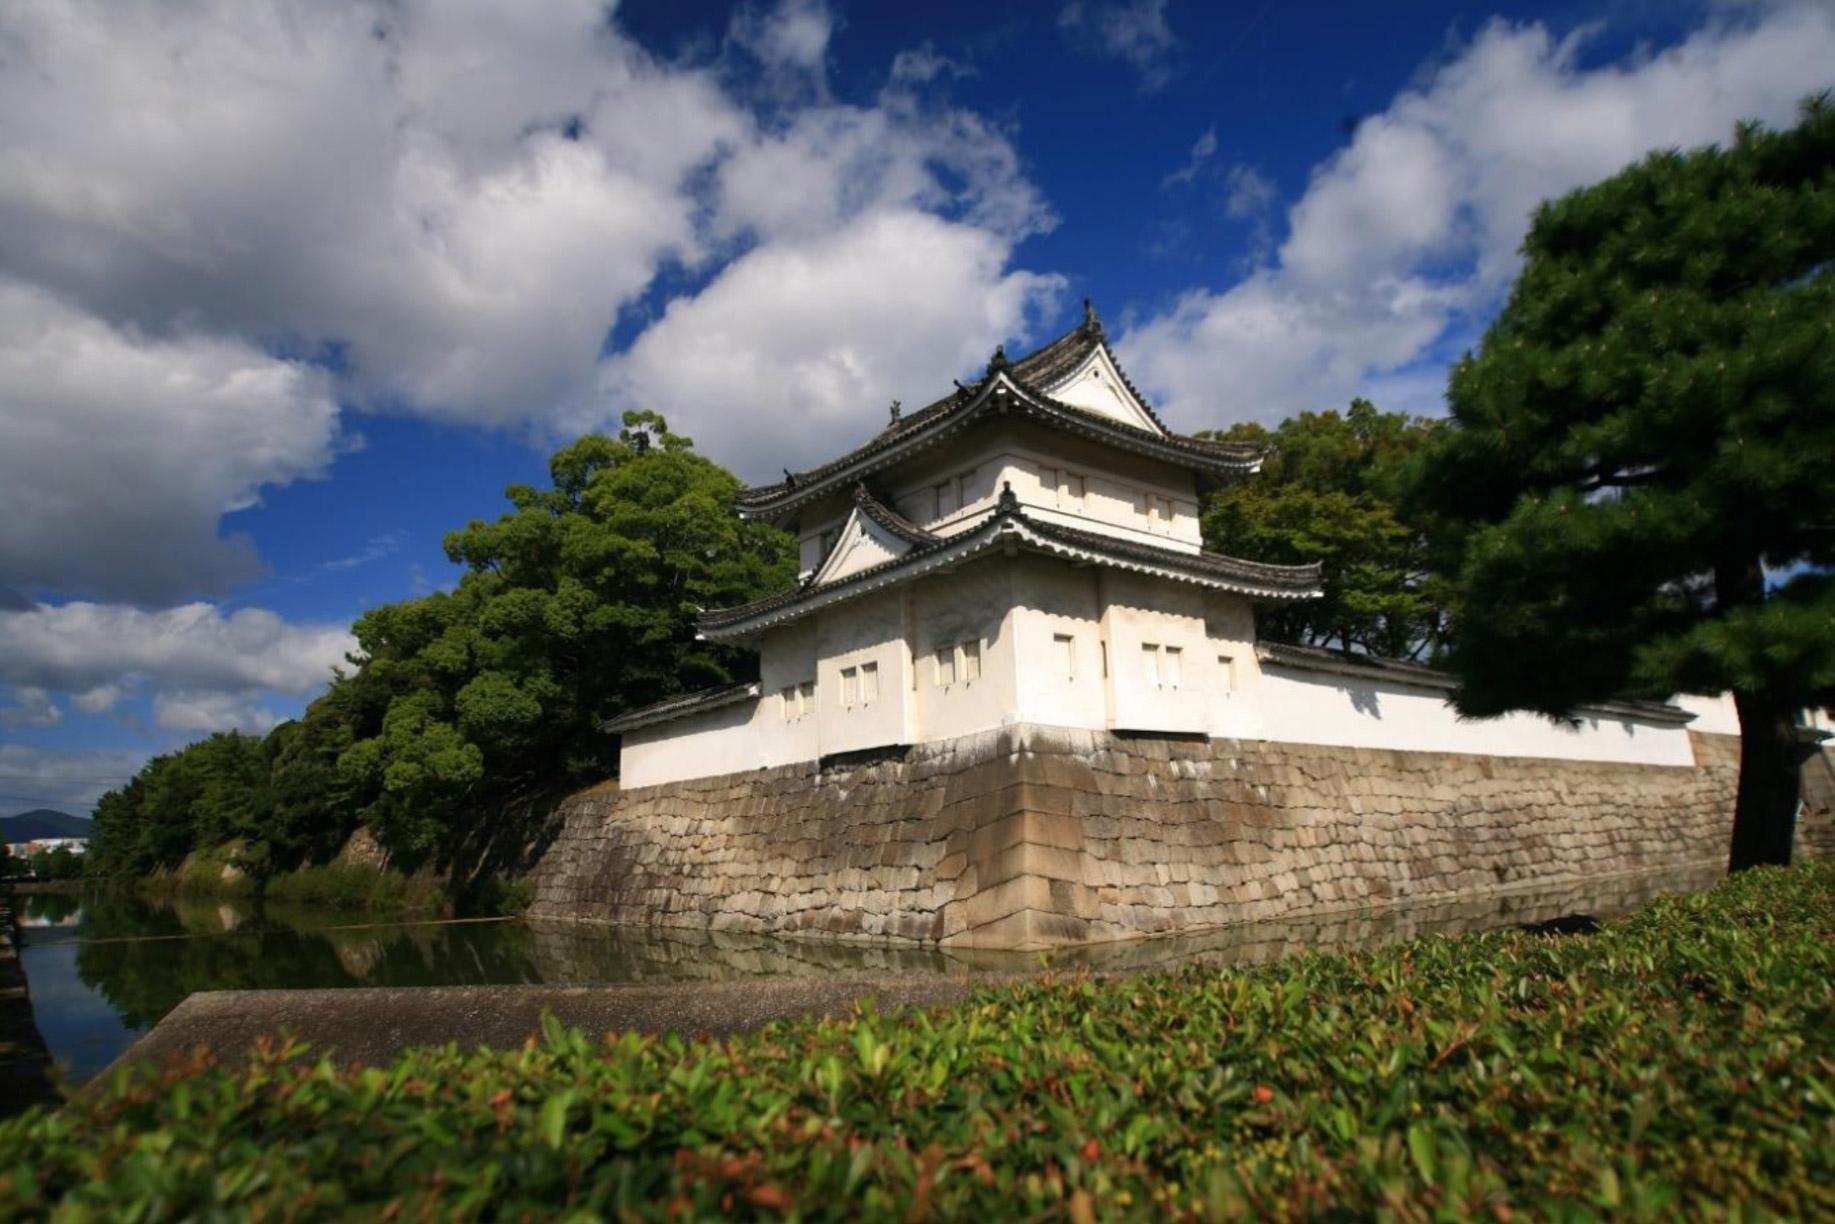 「パークホテル京都」2020年12月開業予定 京都旅行の体験を豊かにする高級宿泊施設を目指す